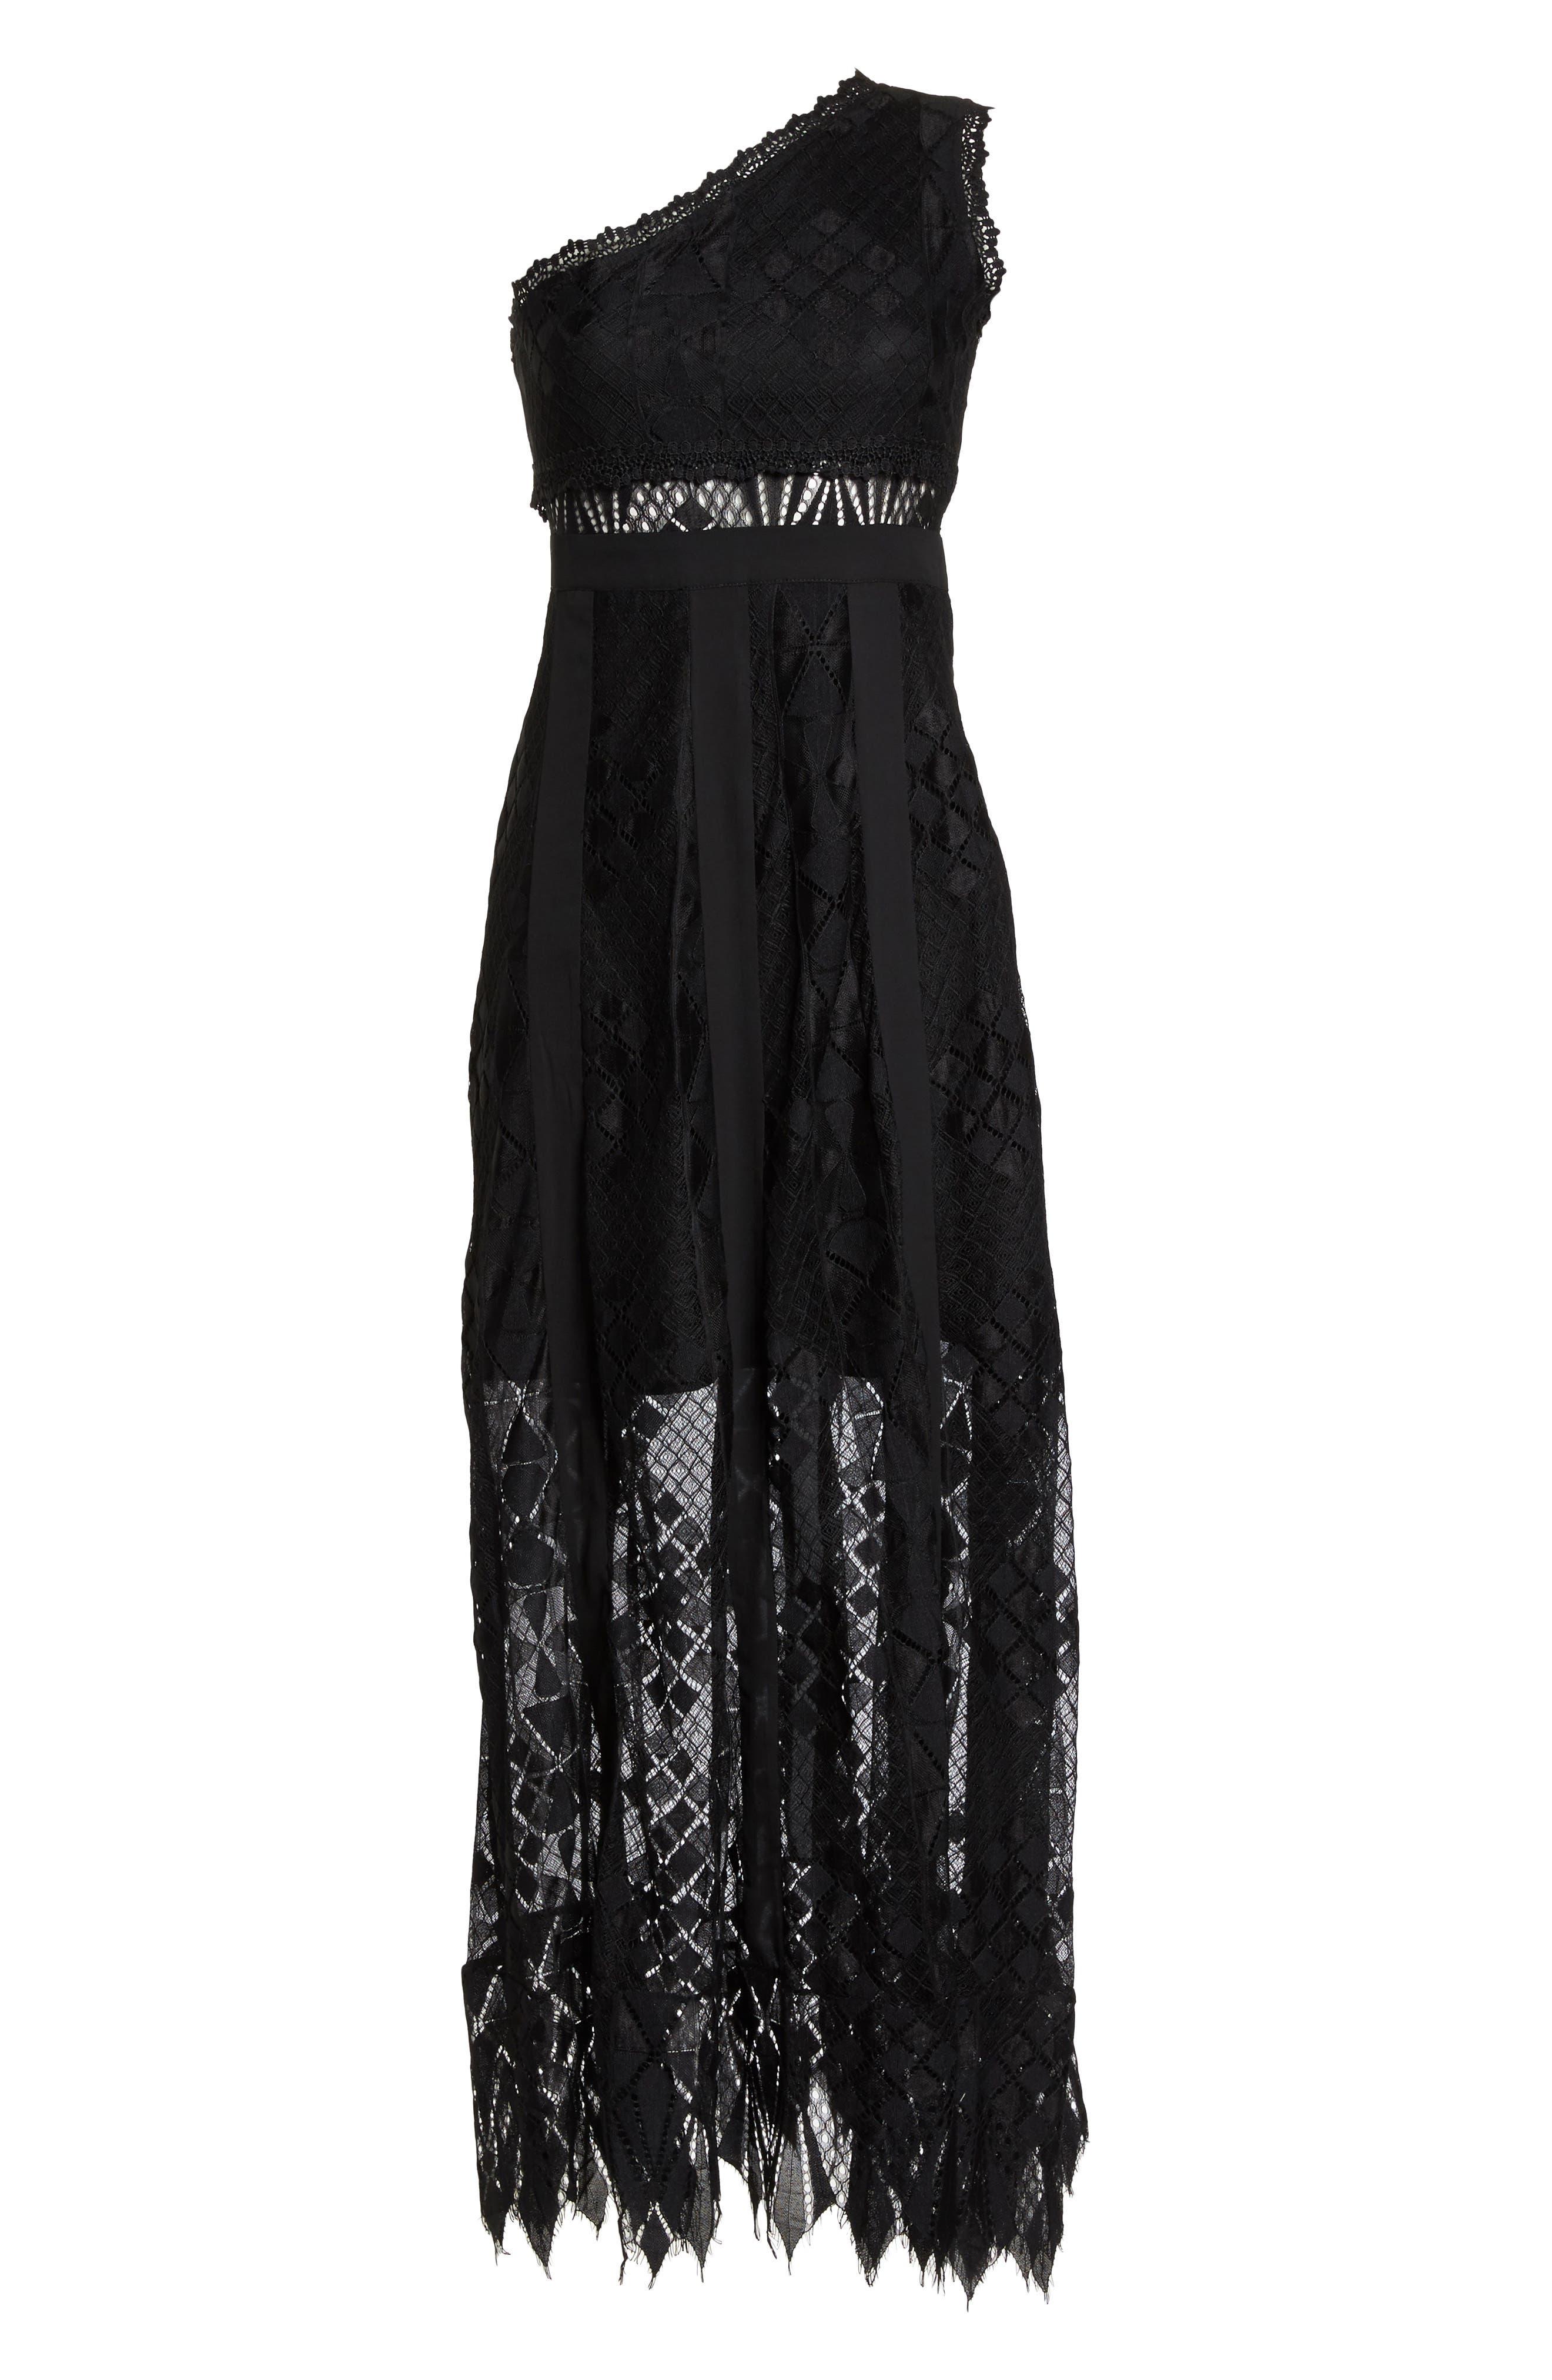 Juliet One-Shoulder Lace Gown,                             Alternate thumbnail 7, color,                             BLACK/ BLACK